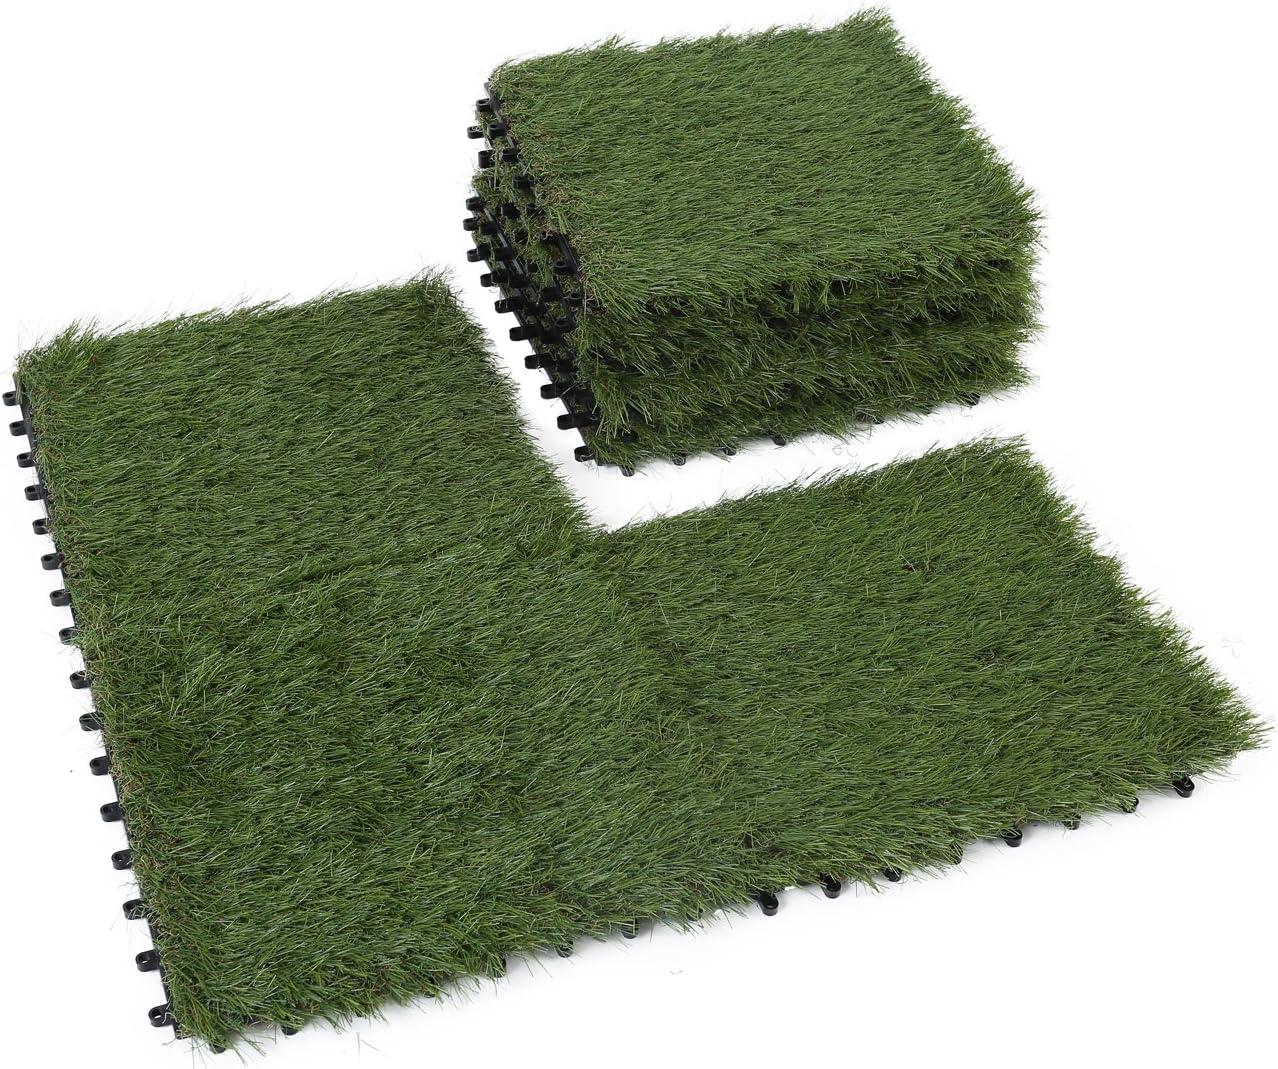 Golden Moon Artificial Grass Turf Tile Interlocking